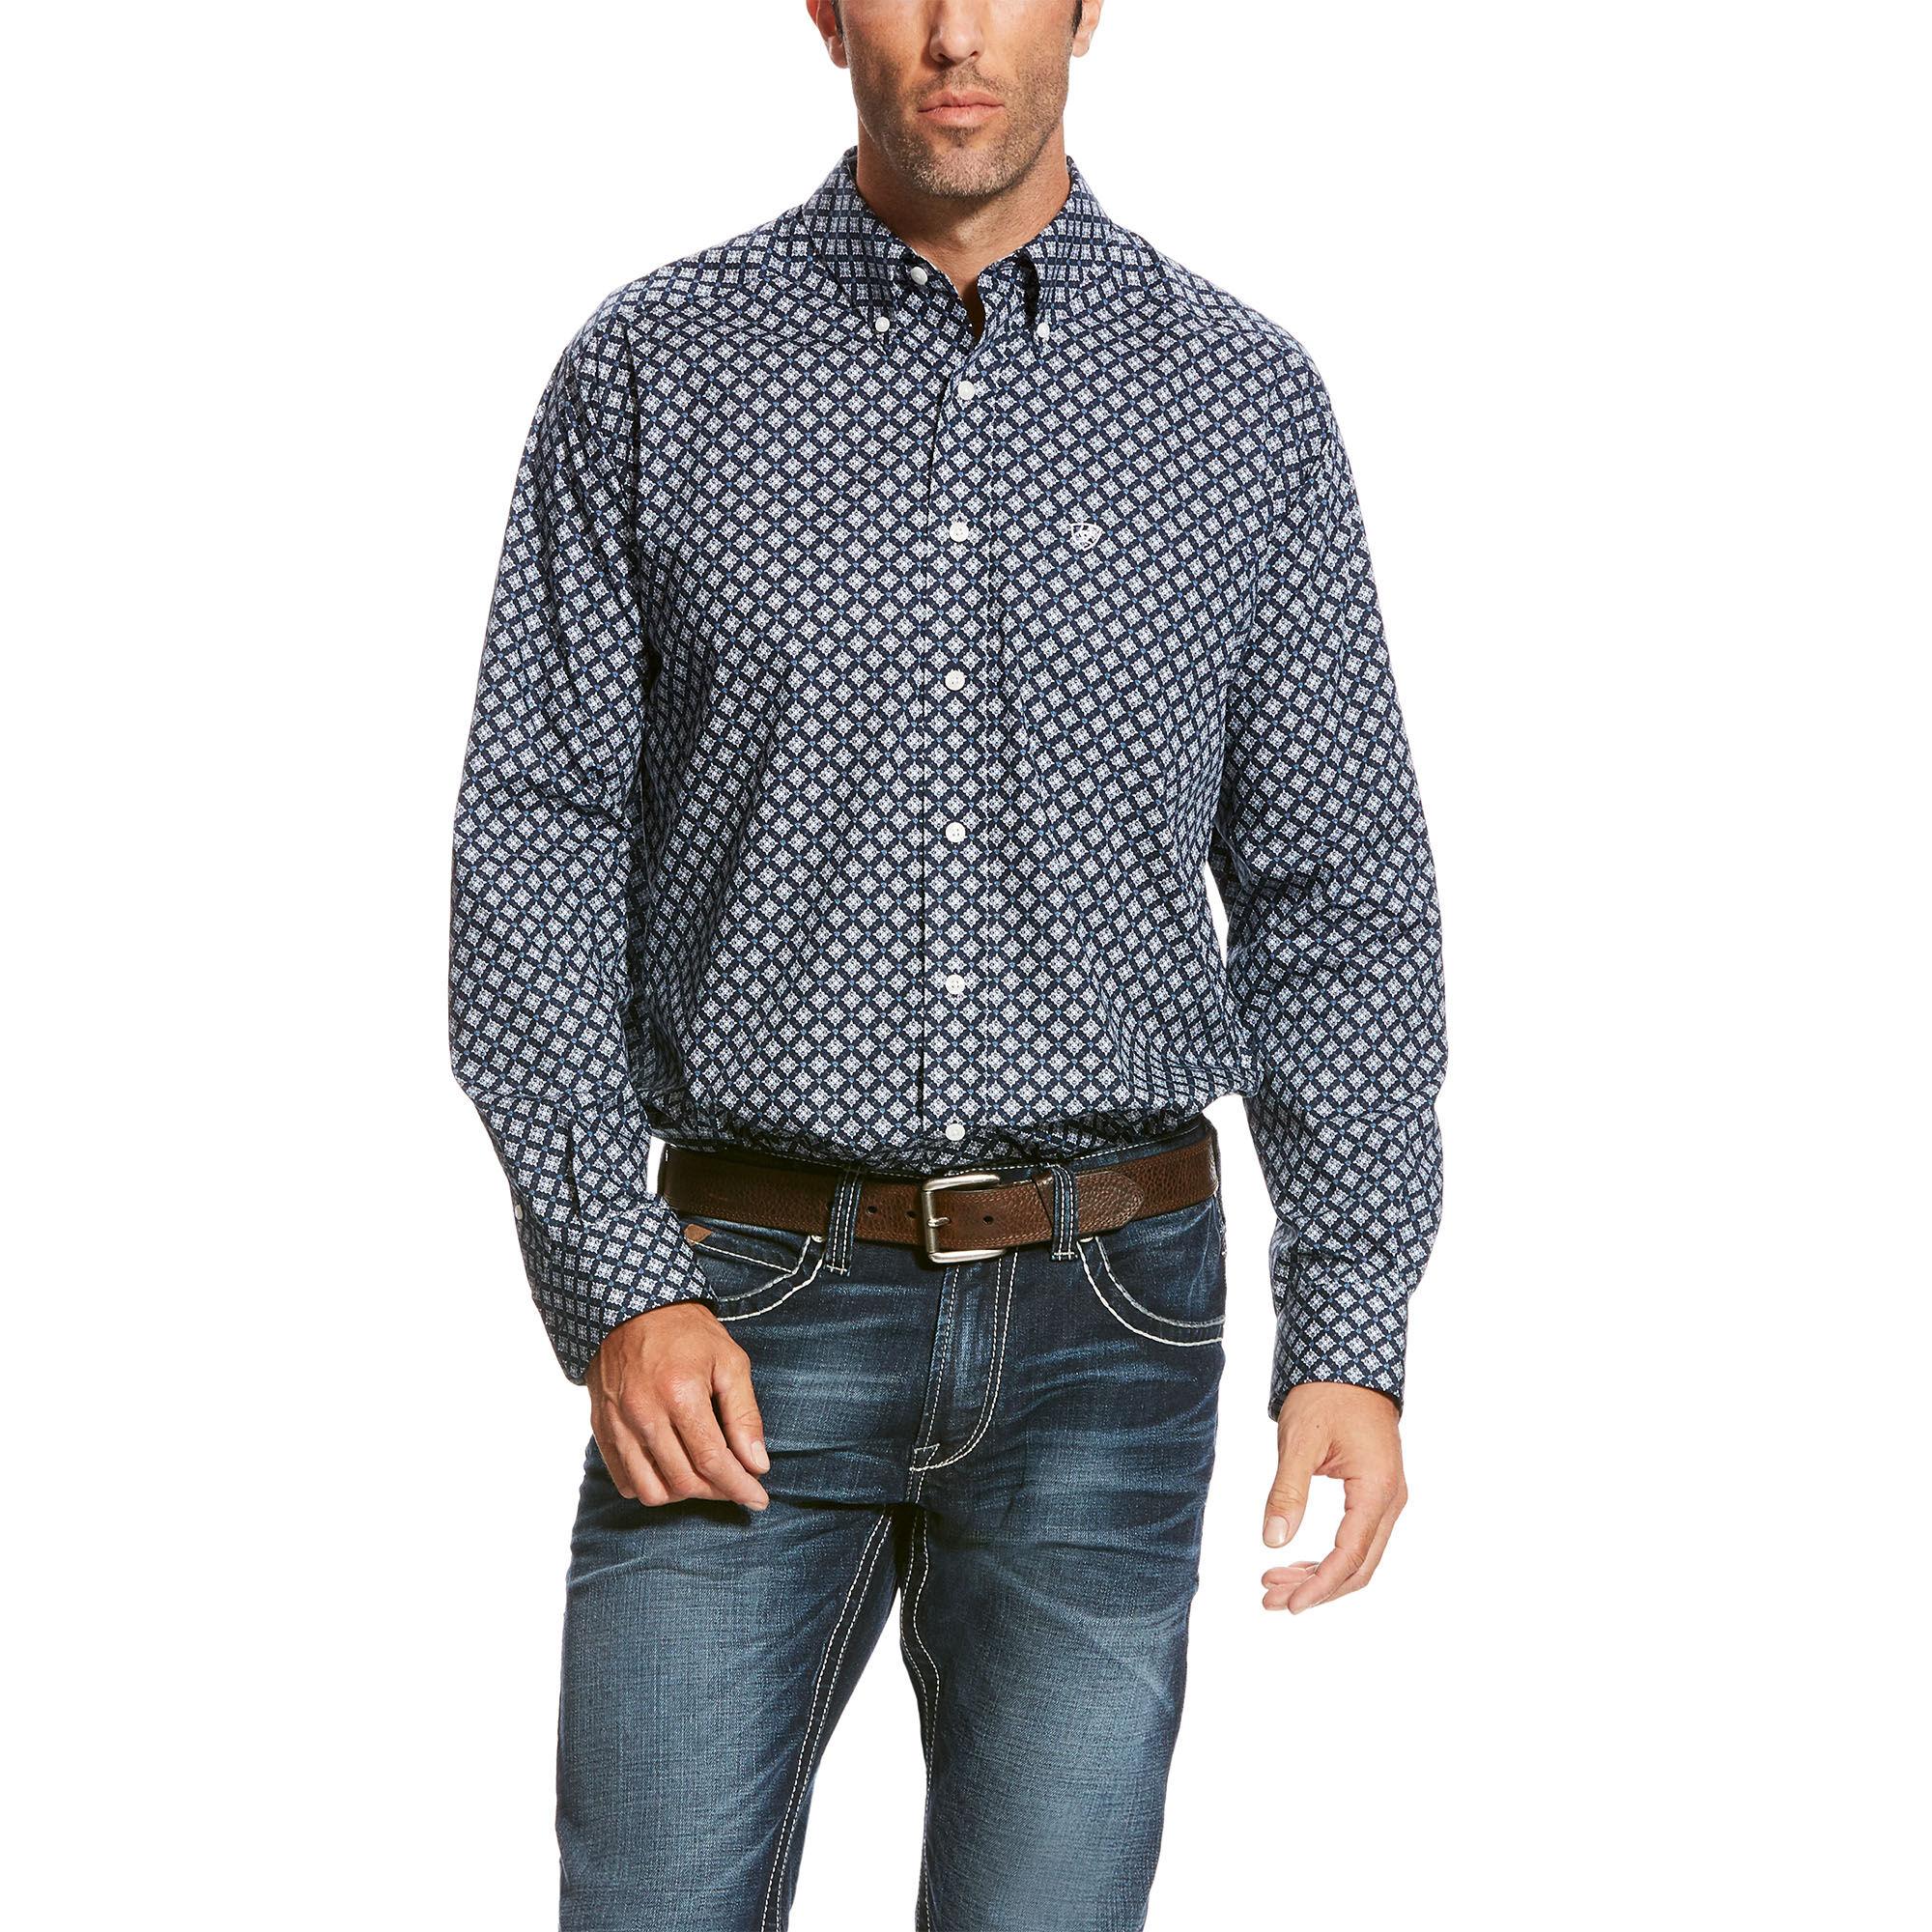 Wrinkle Free Chuck Shirt